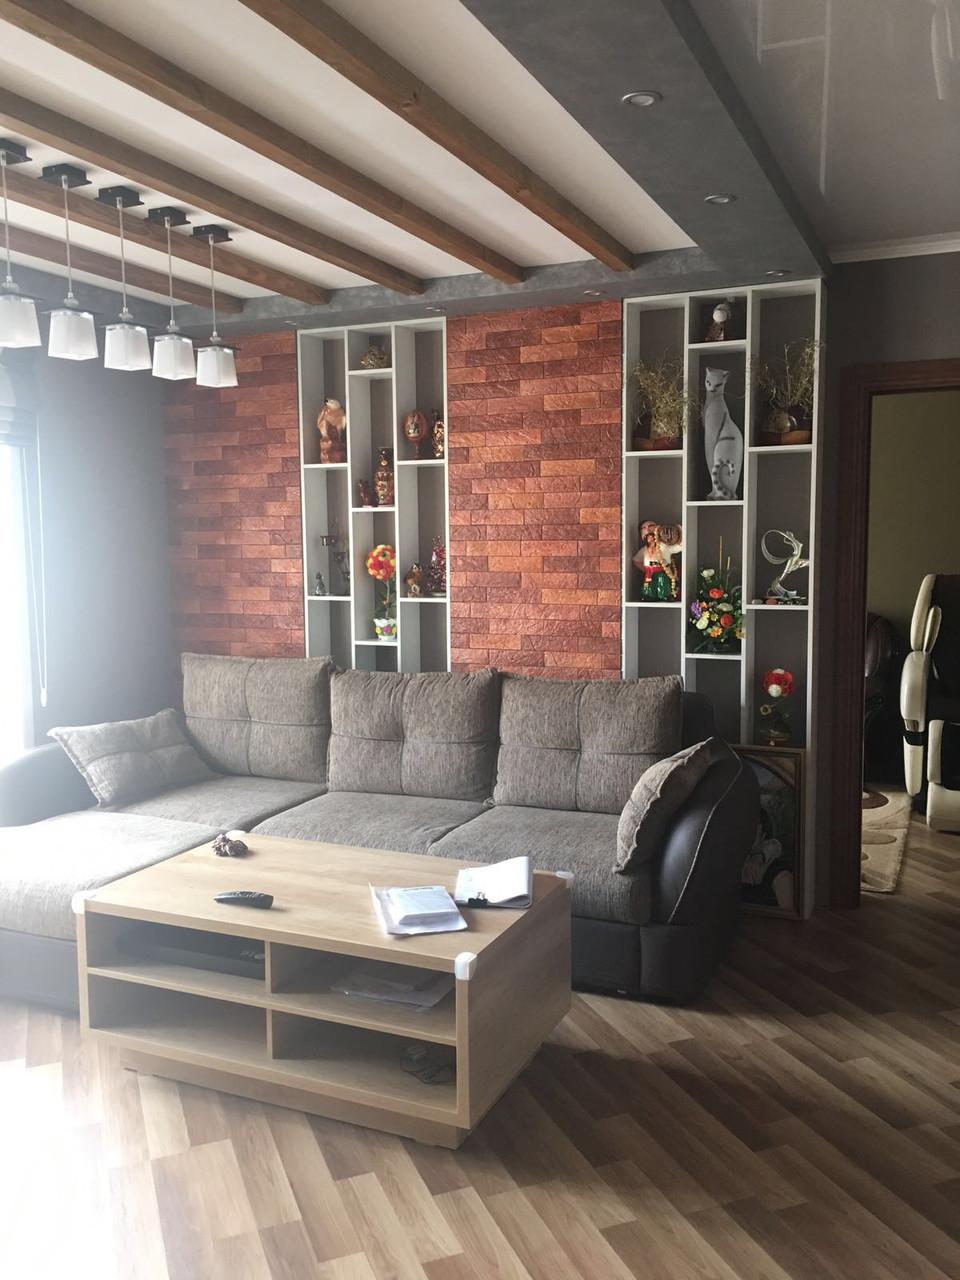 Ремонт квартир домов коттеджей и помещений - Ремонтно-строительные и озеленительные услуги в Запорожье